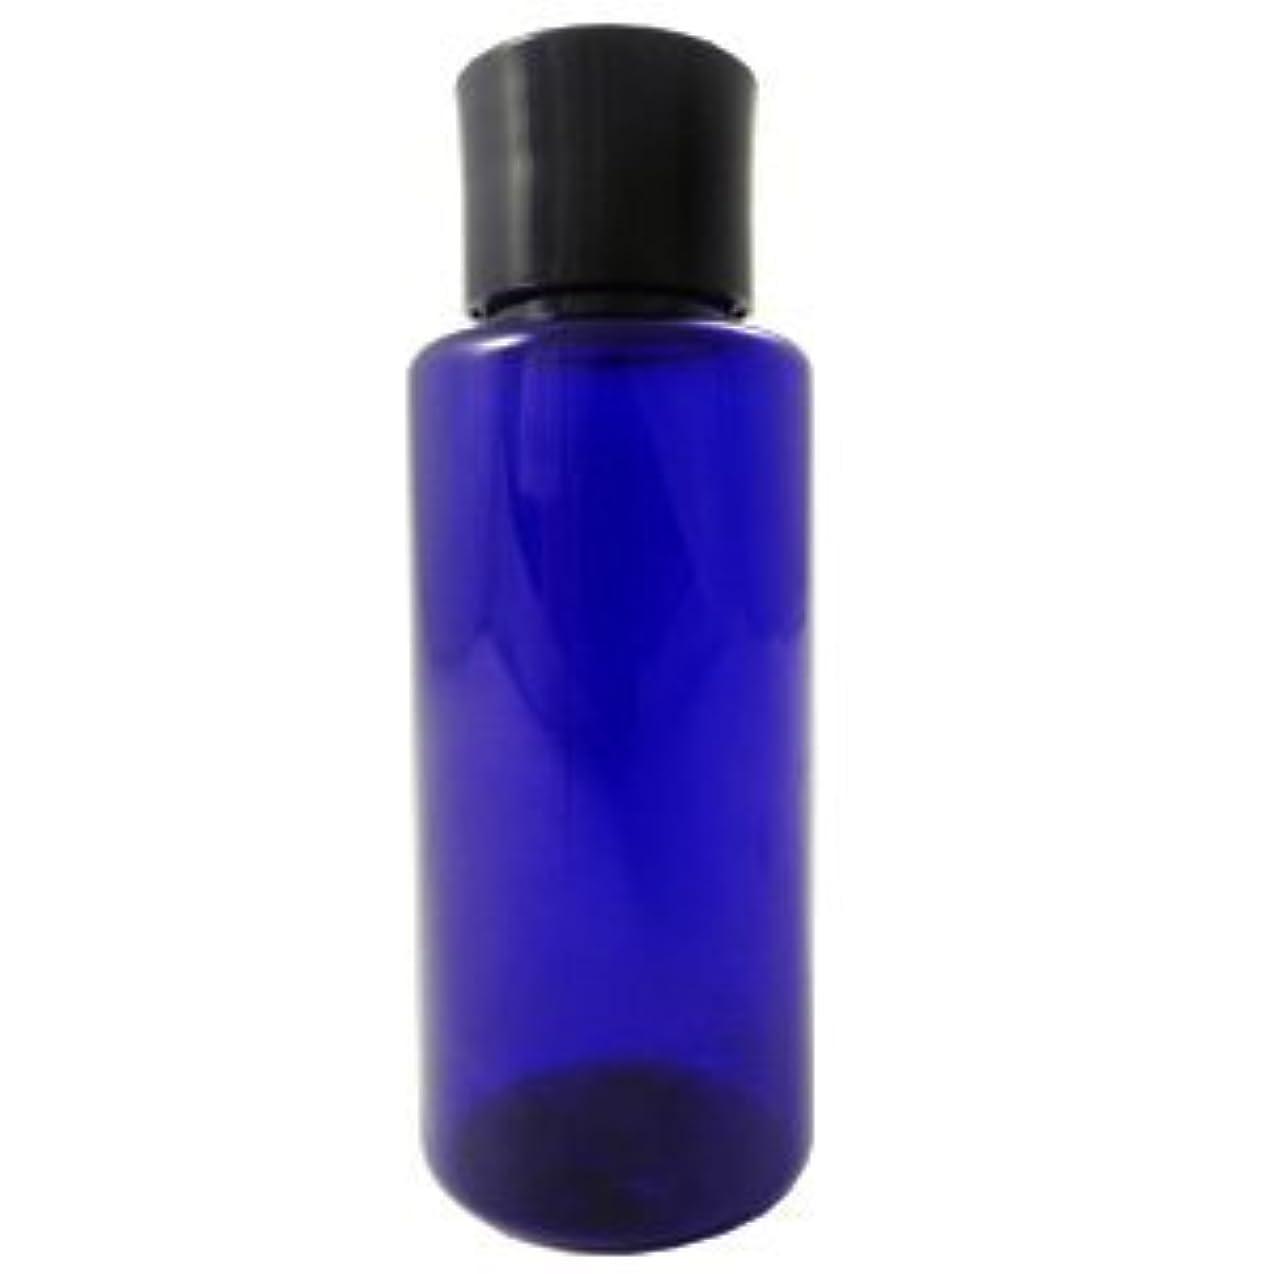 バラエティマイルストーン非常にPETボトル コバルトブルー 青 50ml 化粧水用中栓